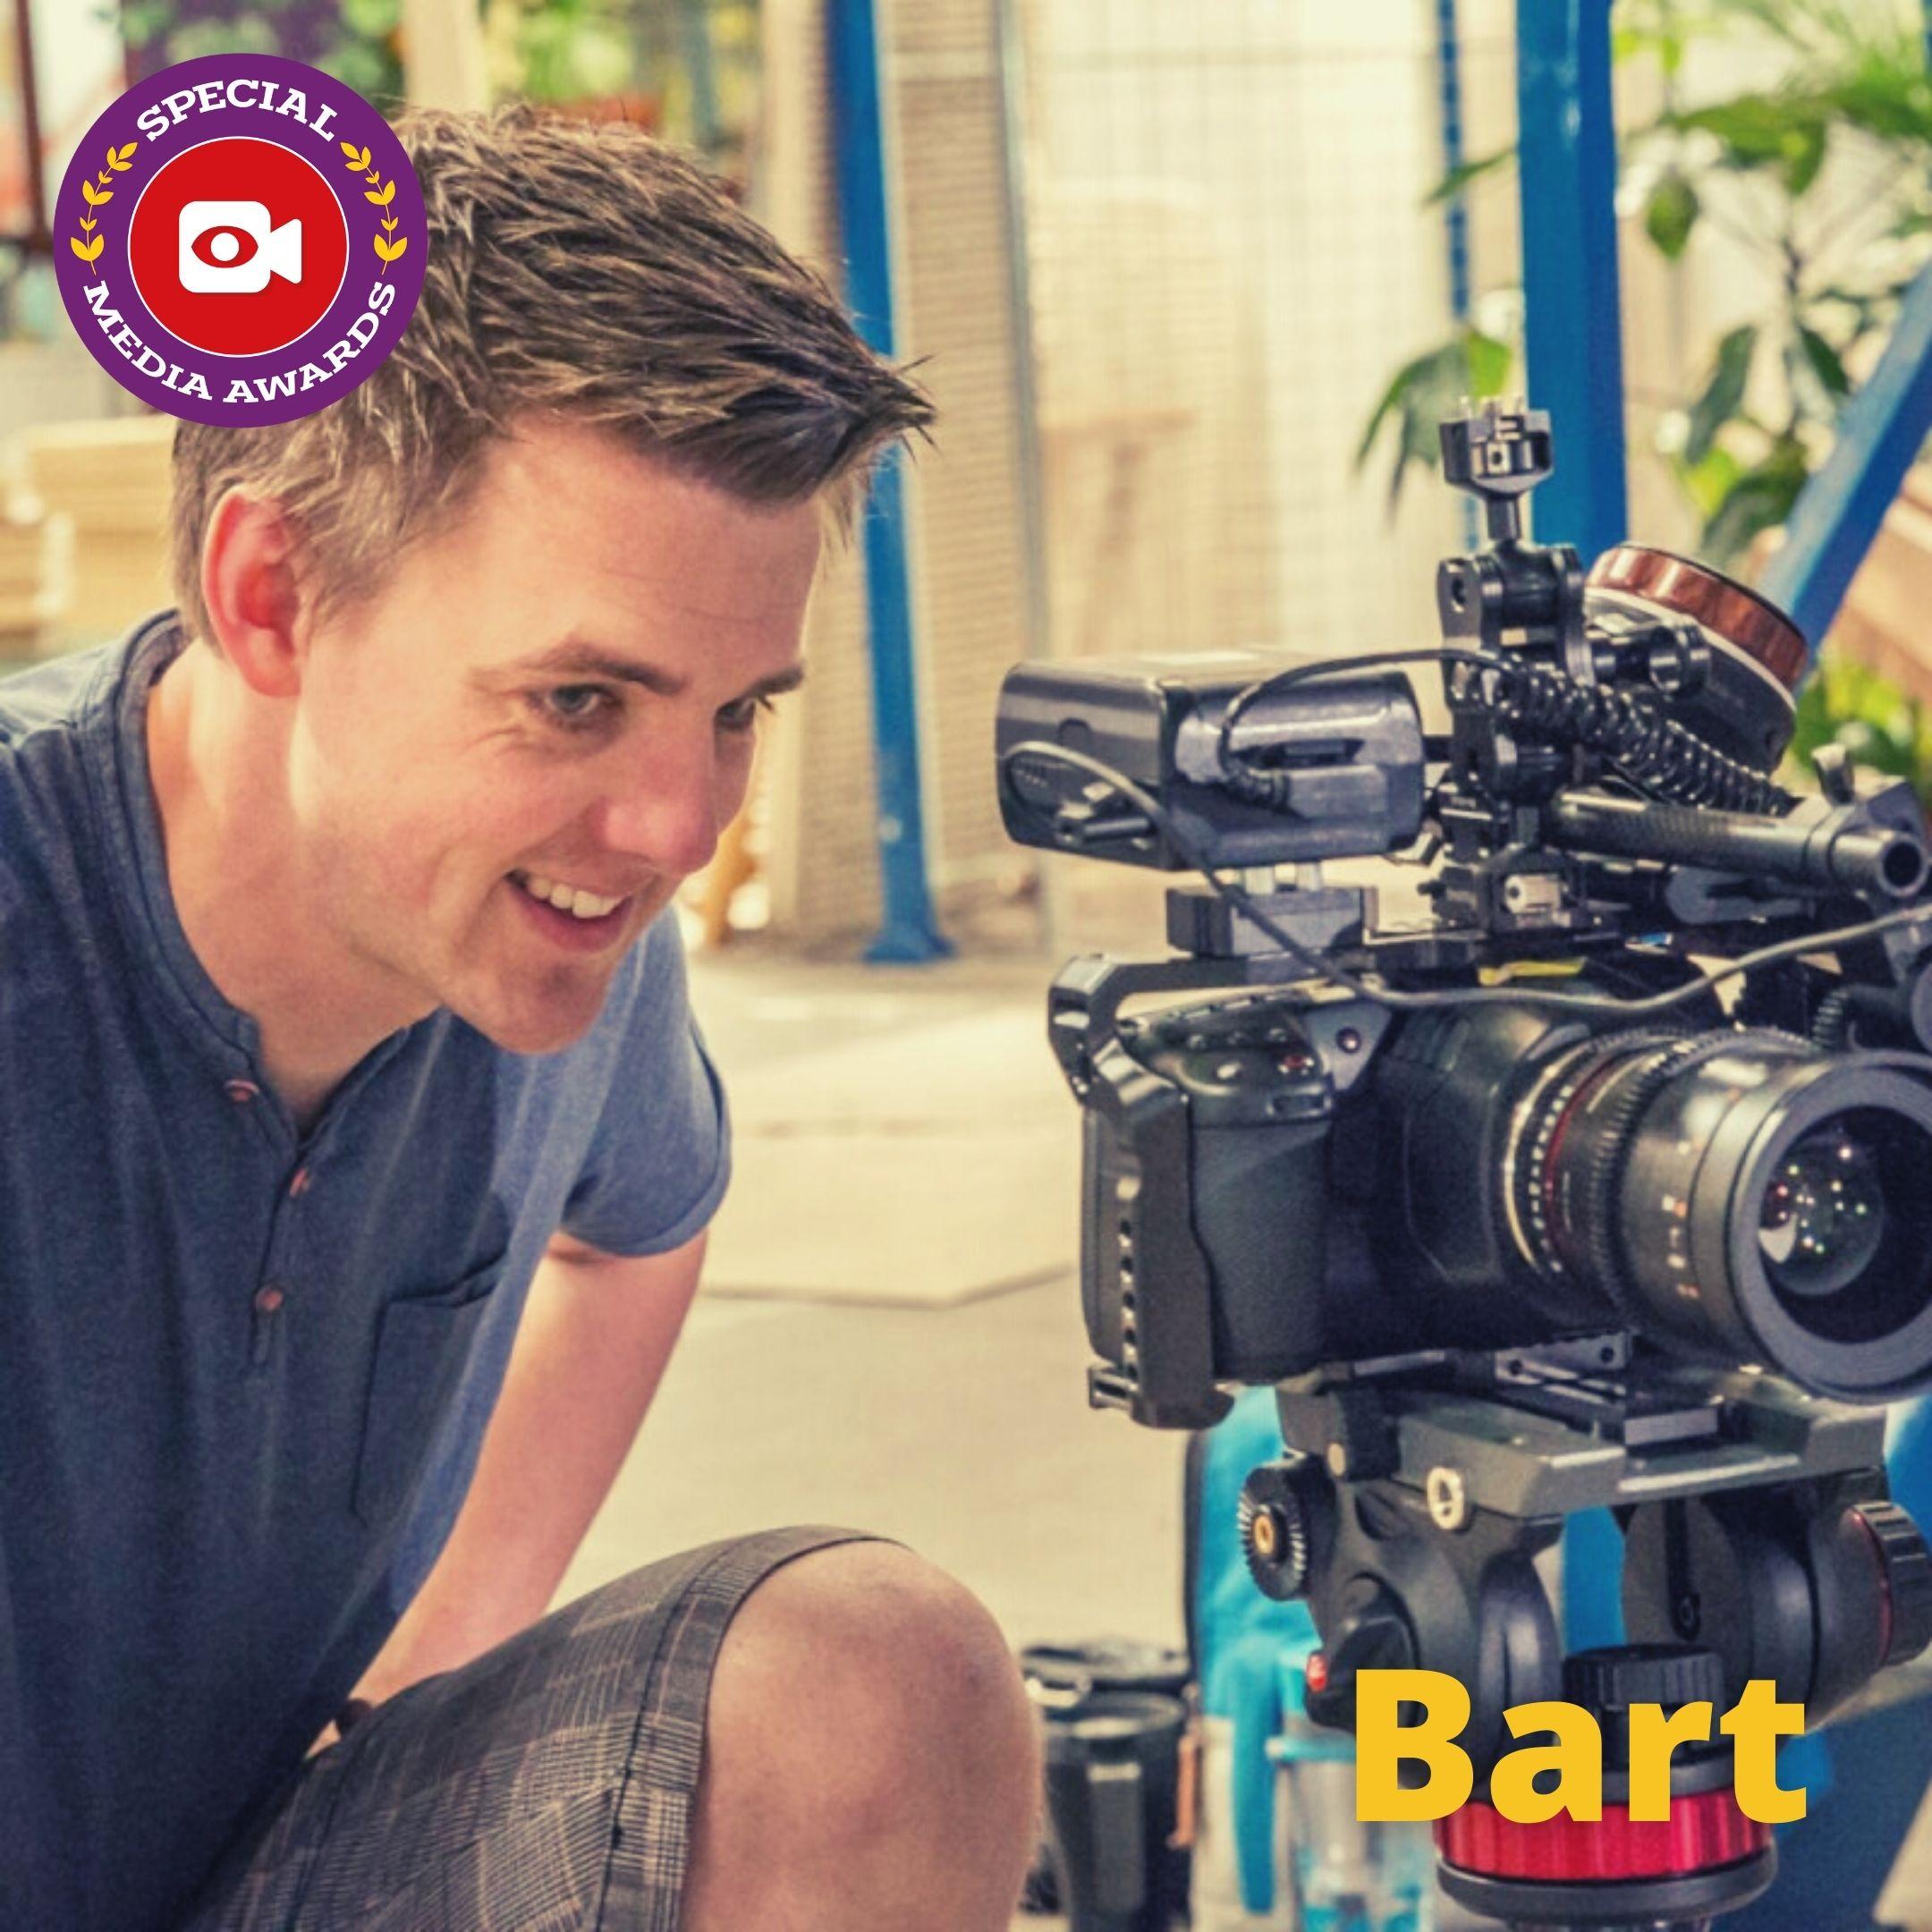 Bart Rijgersberg